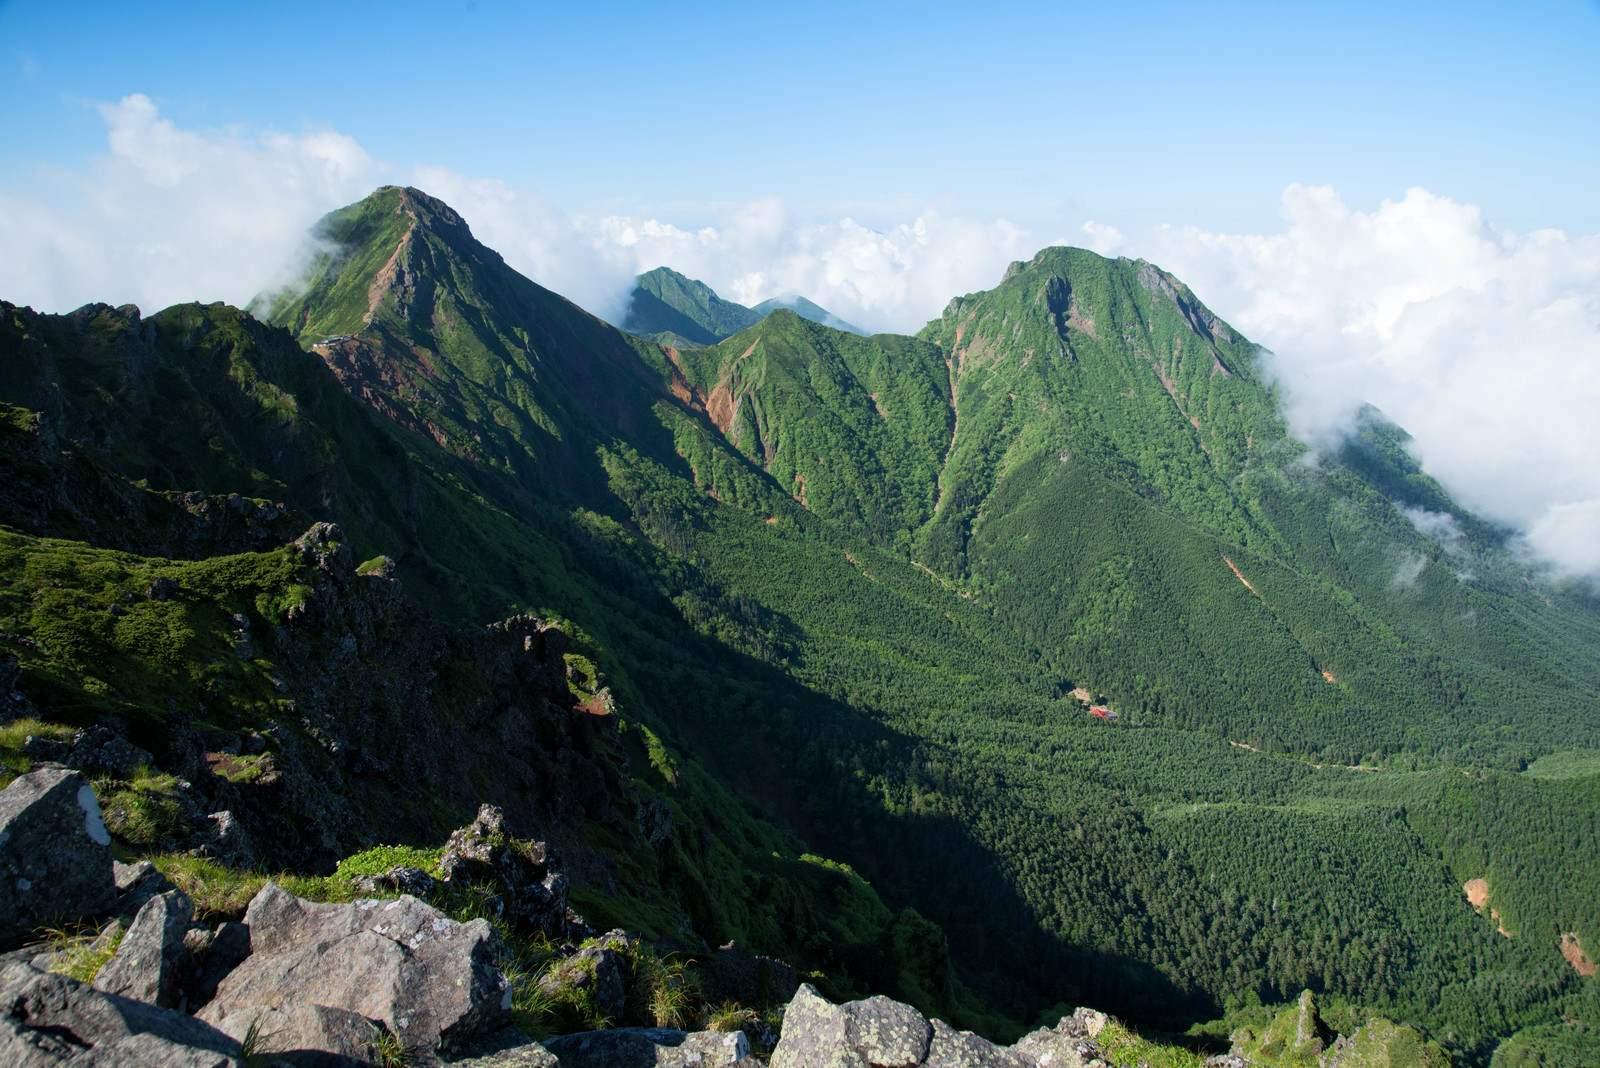 山にまつわる怖い話『山の少年』|洒落怖・山の怪談